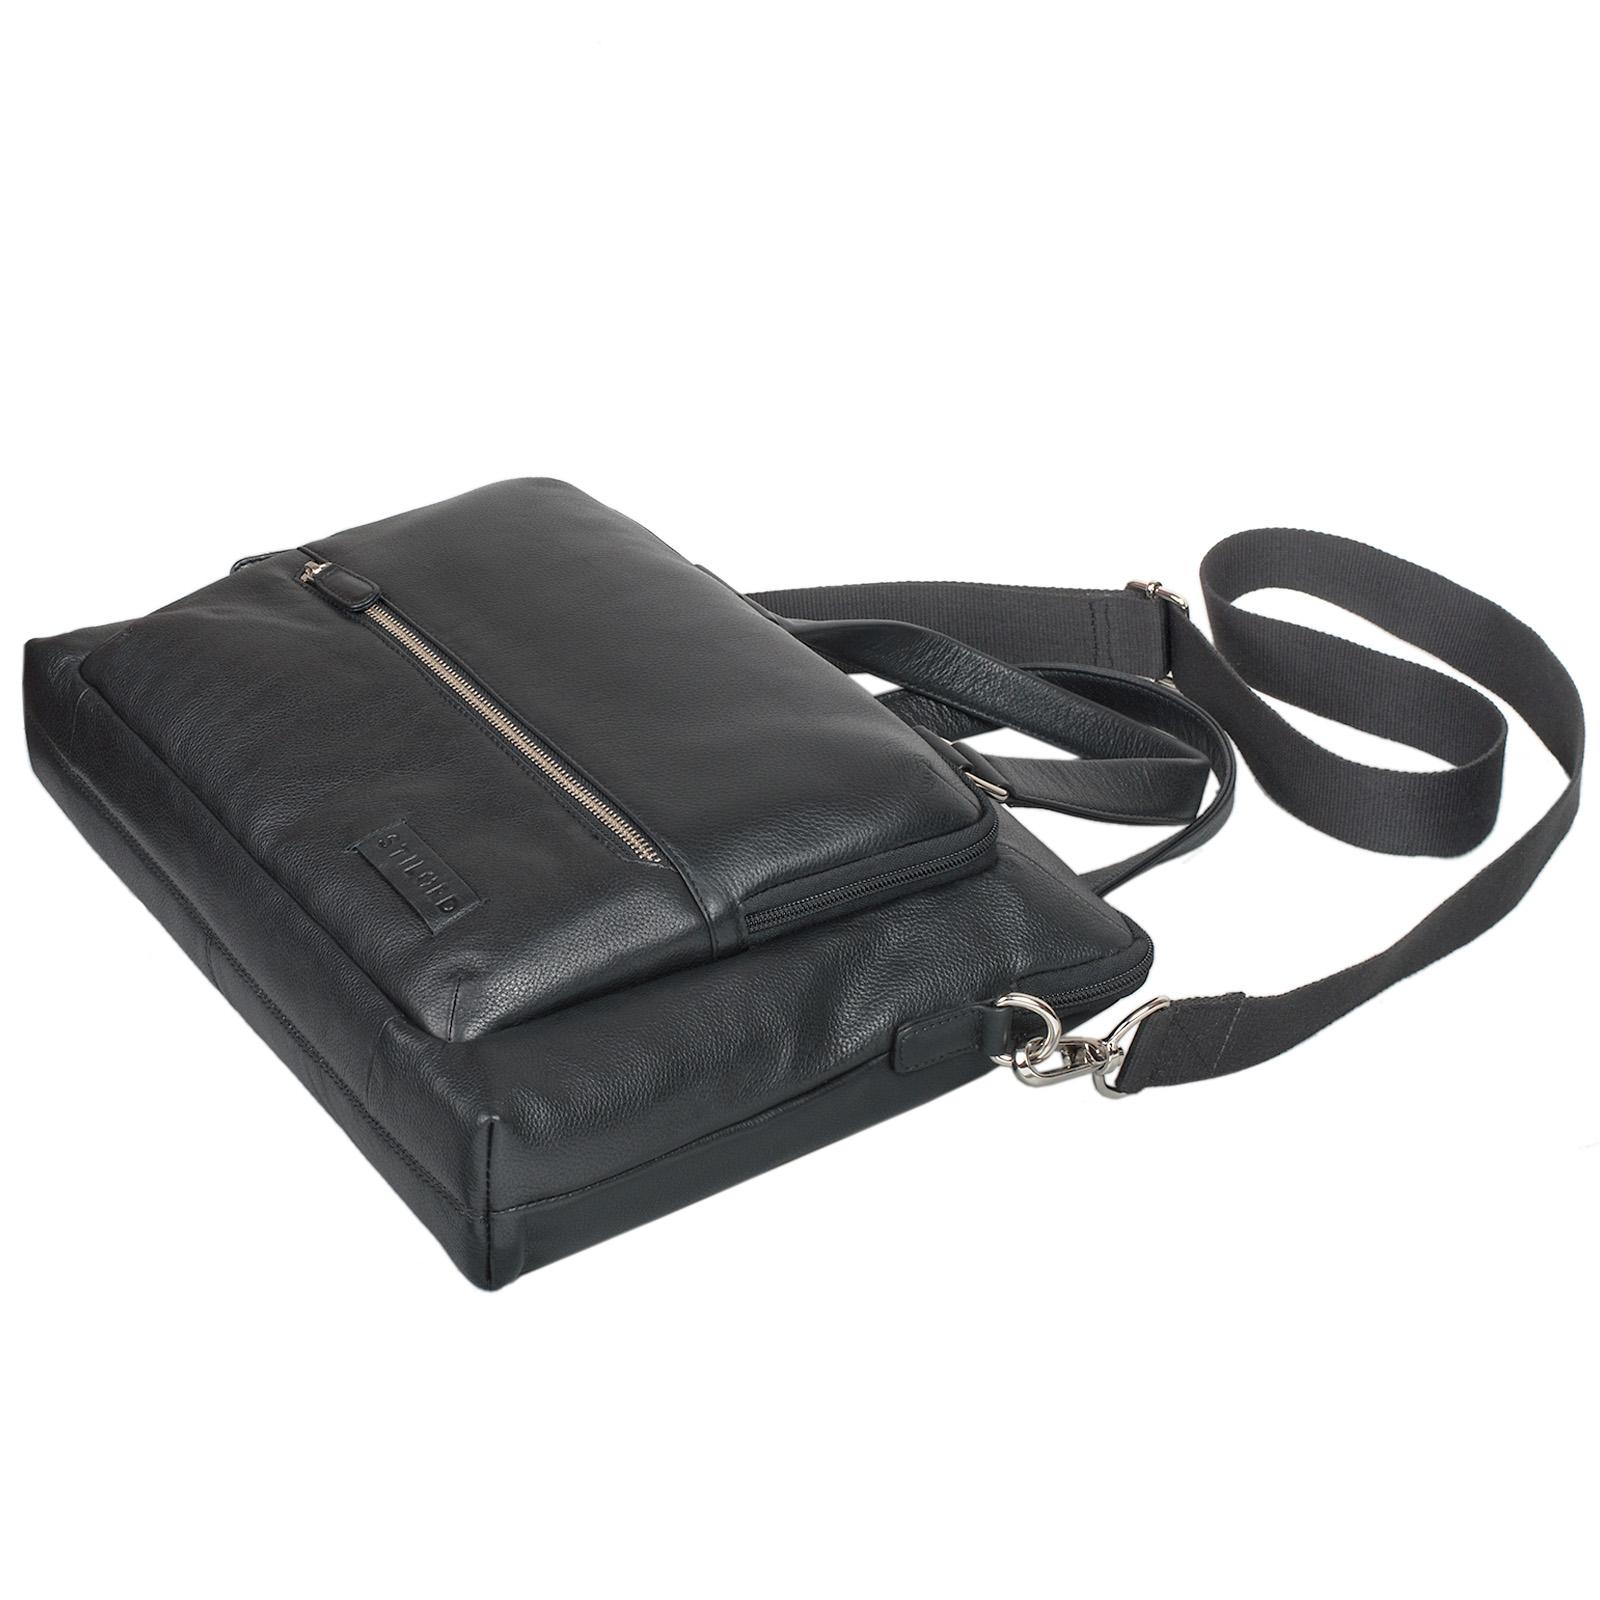 """STILORD """"Lean"""" Umhängetasche Herren Damen Leder groß Handtasche klassische Bürotasche Arbeit Business Unitasche DIN A4 Laptoptasche MacBook 13,3 Zoll echtes Rindsleder - Bild 13"""